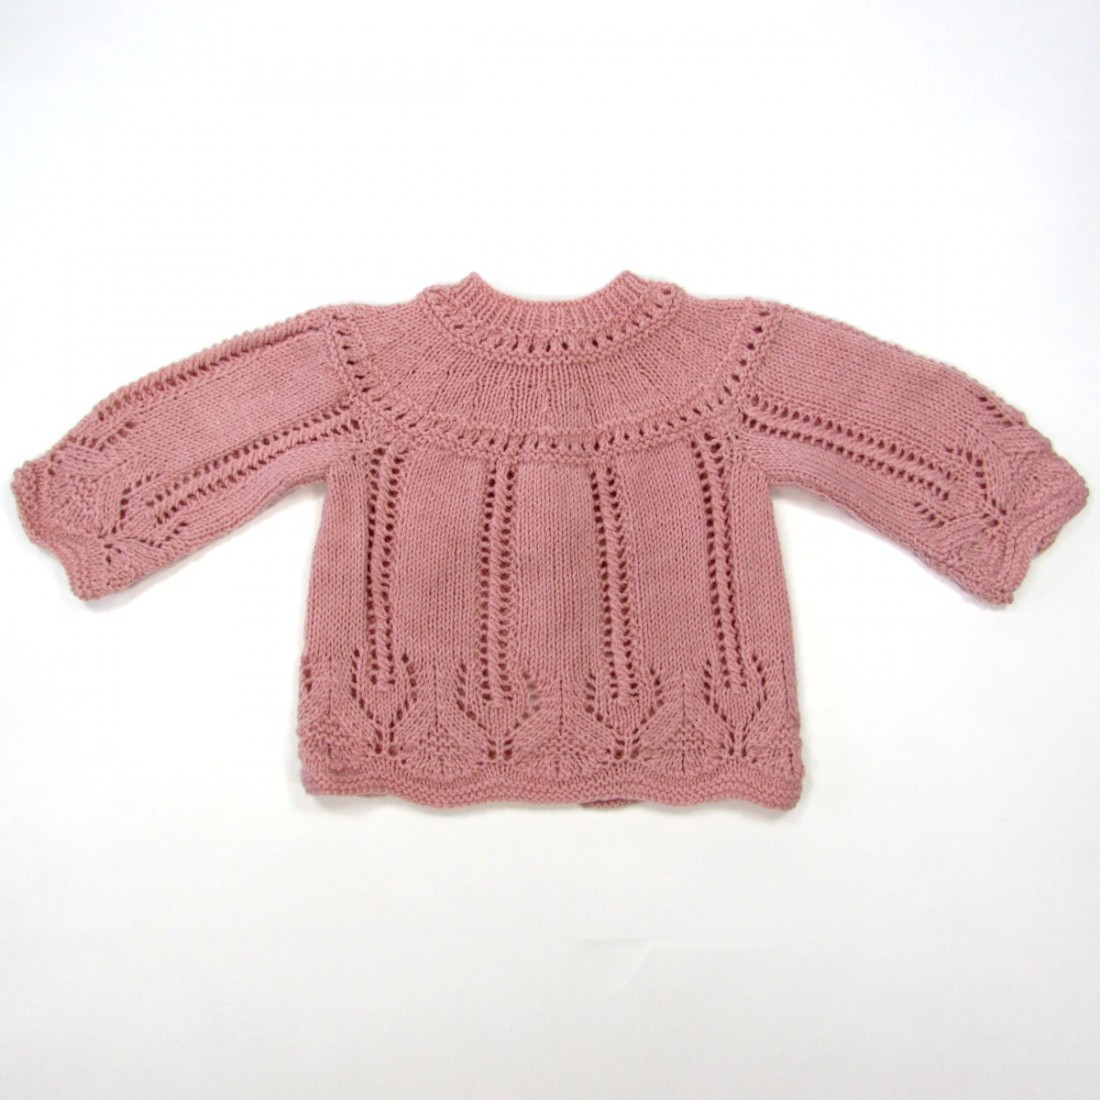 14f236c1e743b Trousseau bébé fille layette vintage en dentelle tricot rose ancien